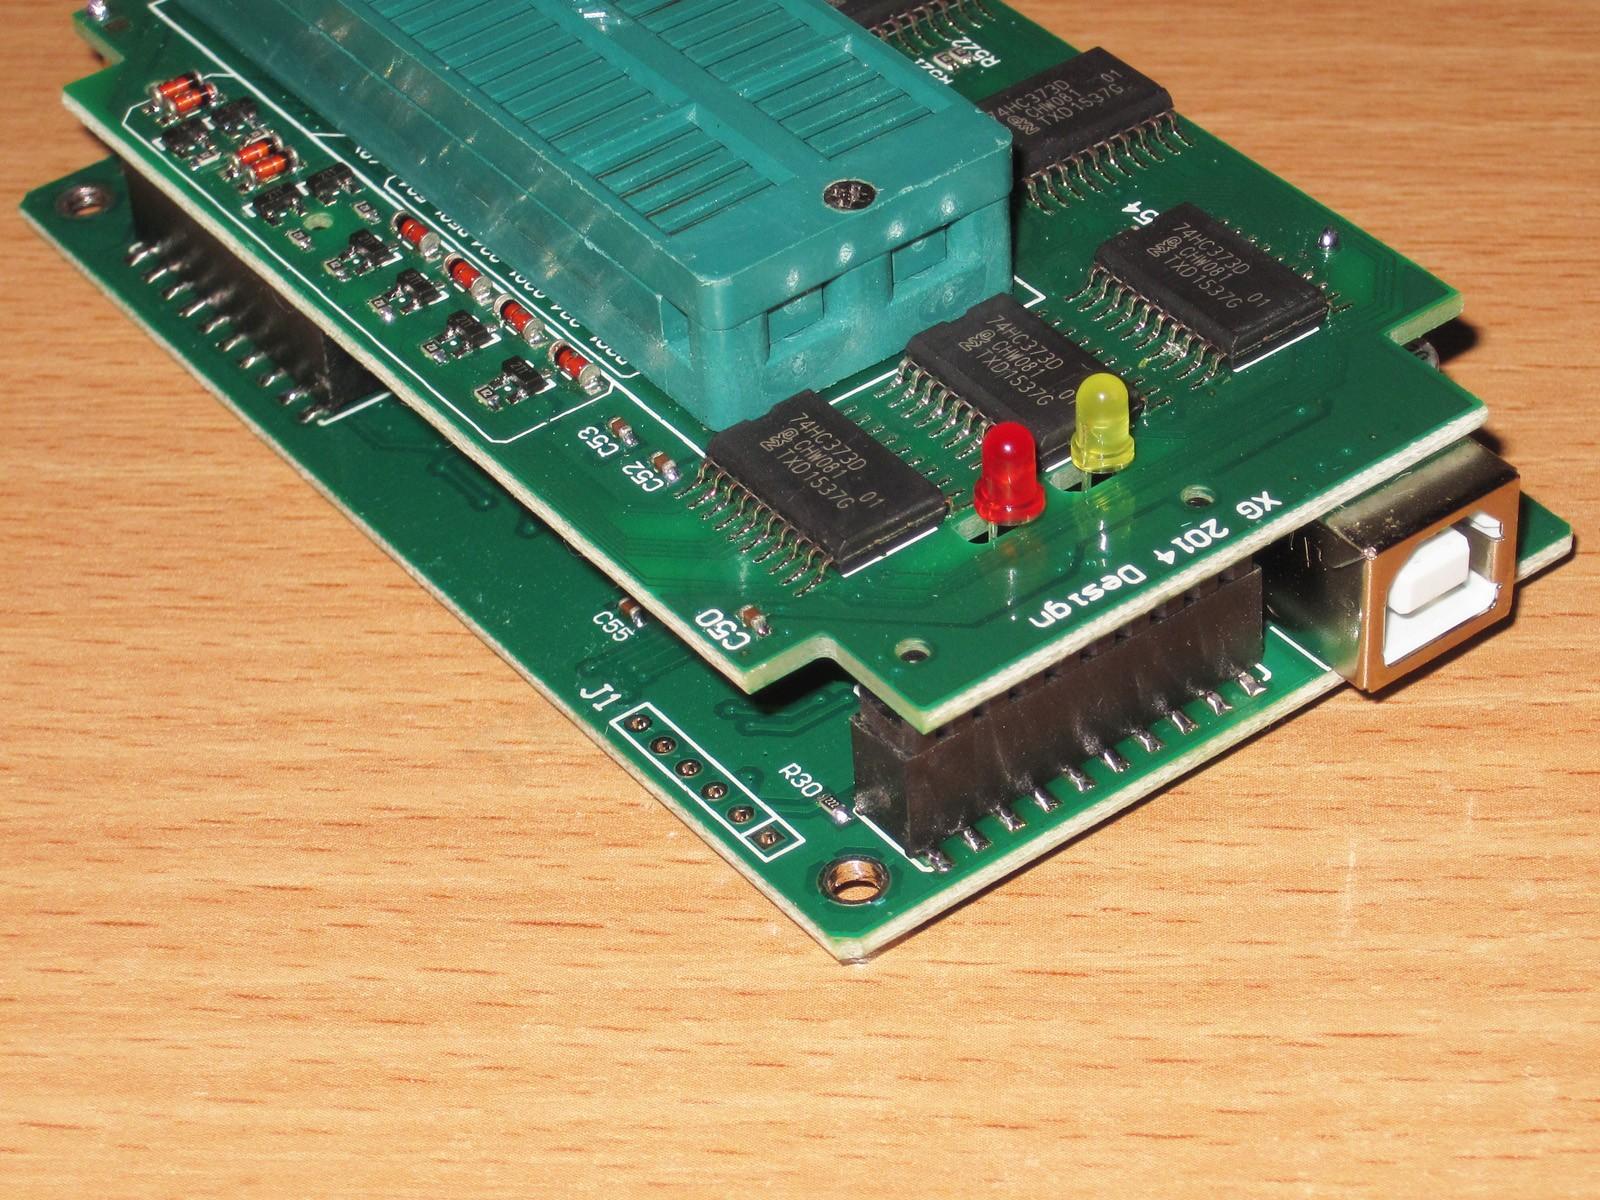 Tl866 программатор своими руками 36